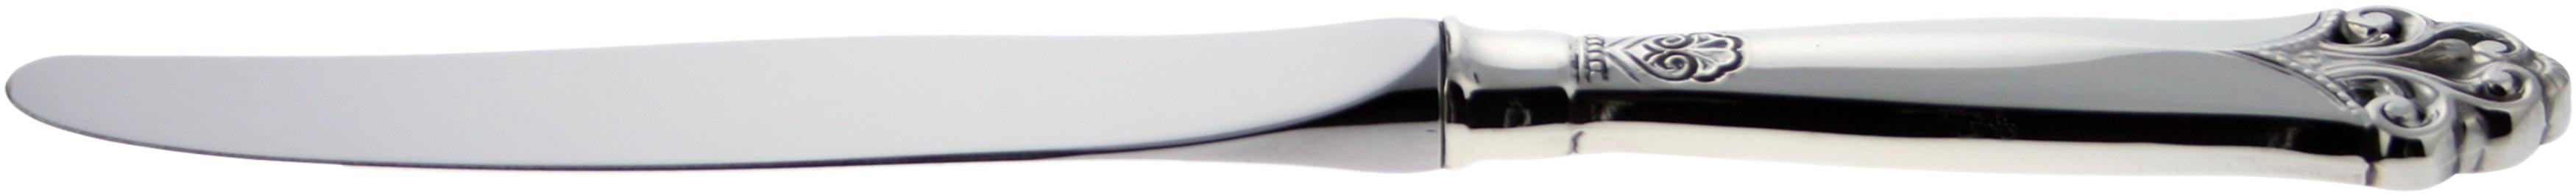 Barnekniv, Lillemor sølvbestikk